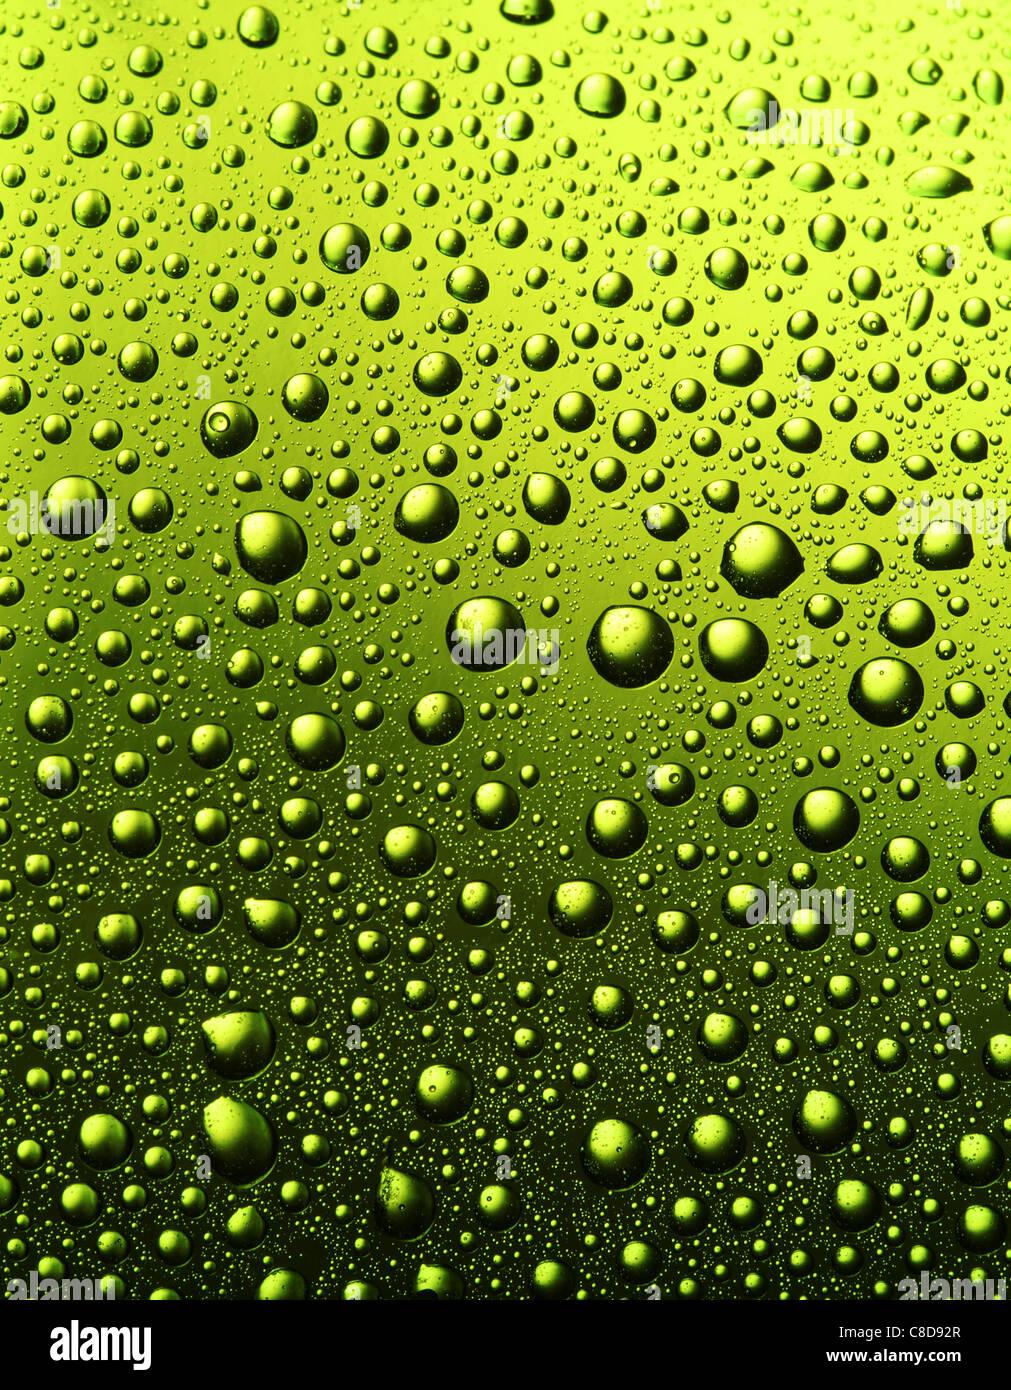 Textura de gotas de água na garrafa de cerveja. Imagens de Stock